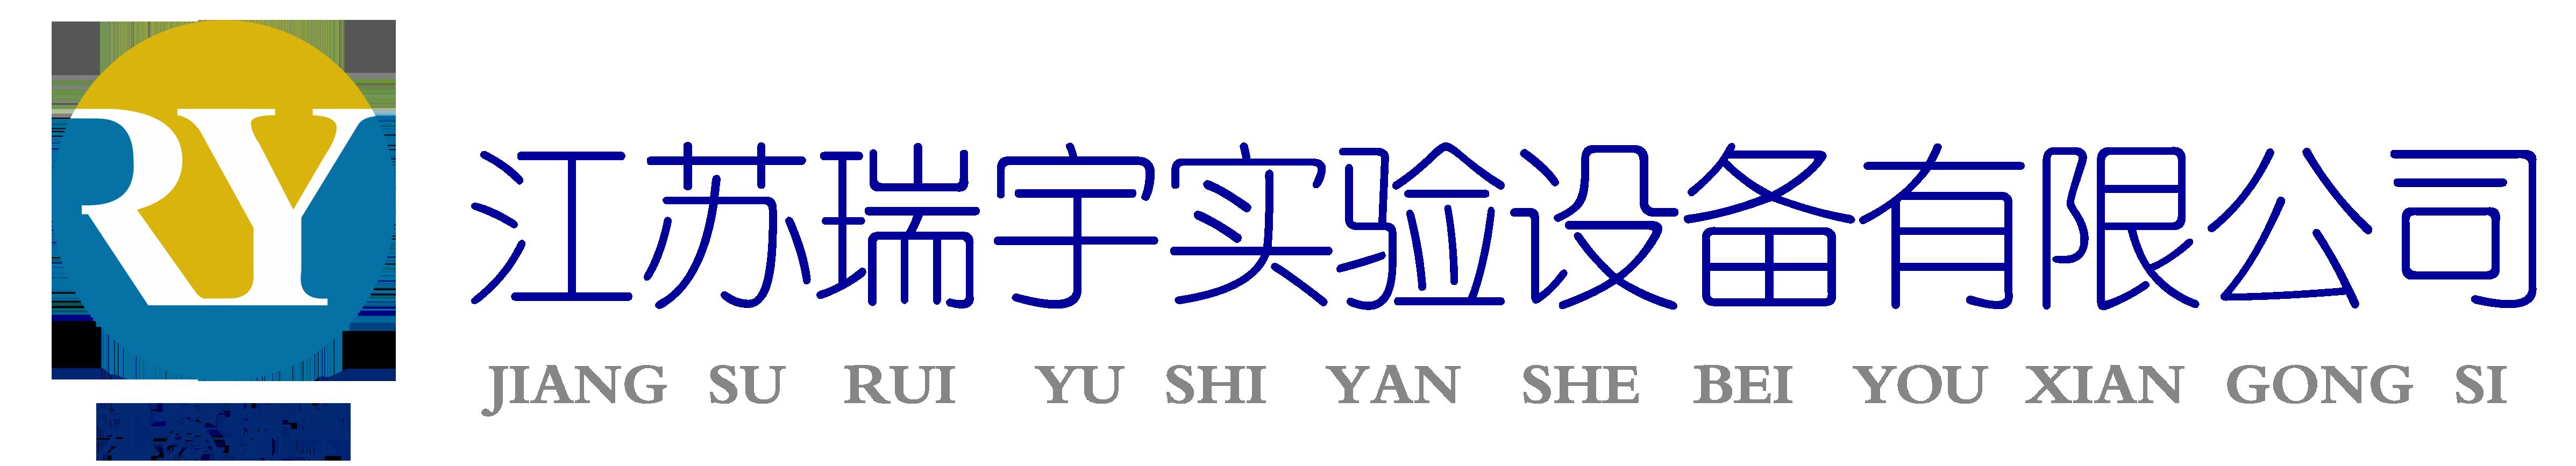 江苏瑞宇实验设备有限公司